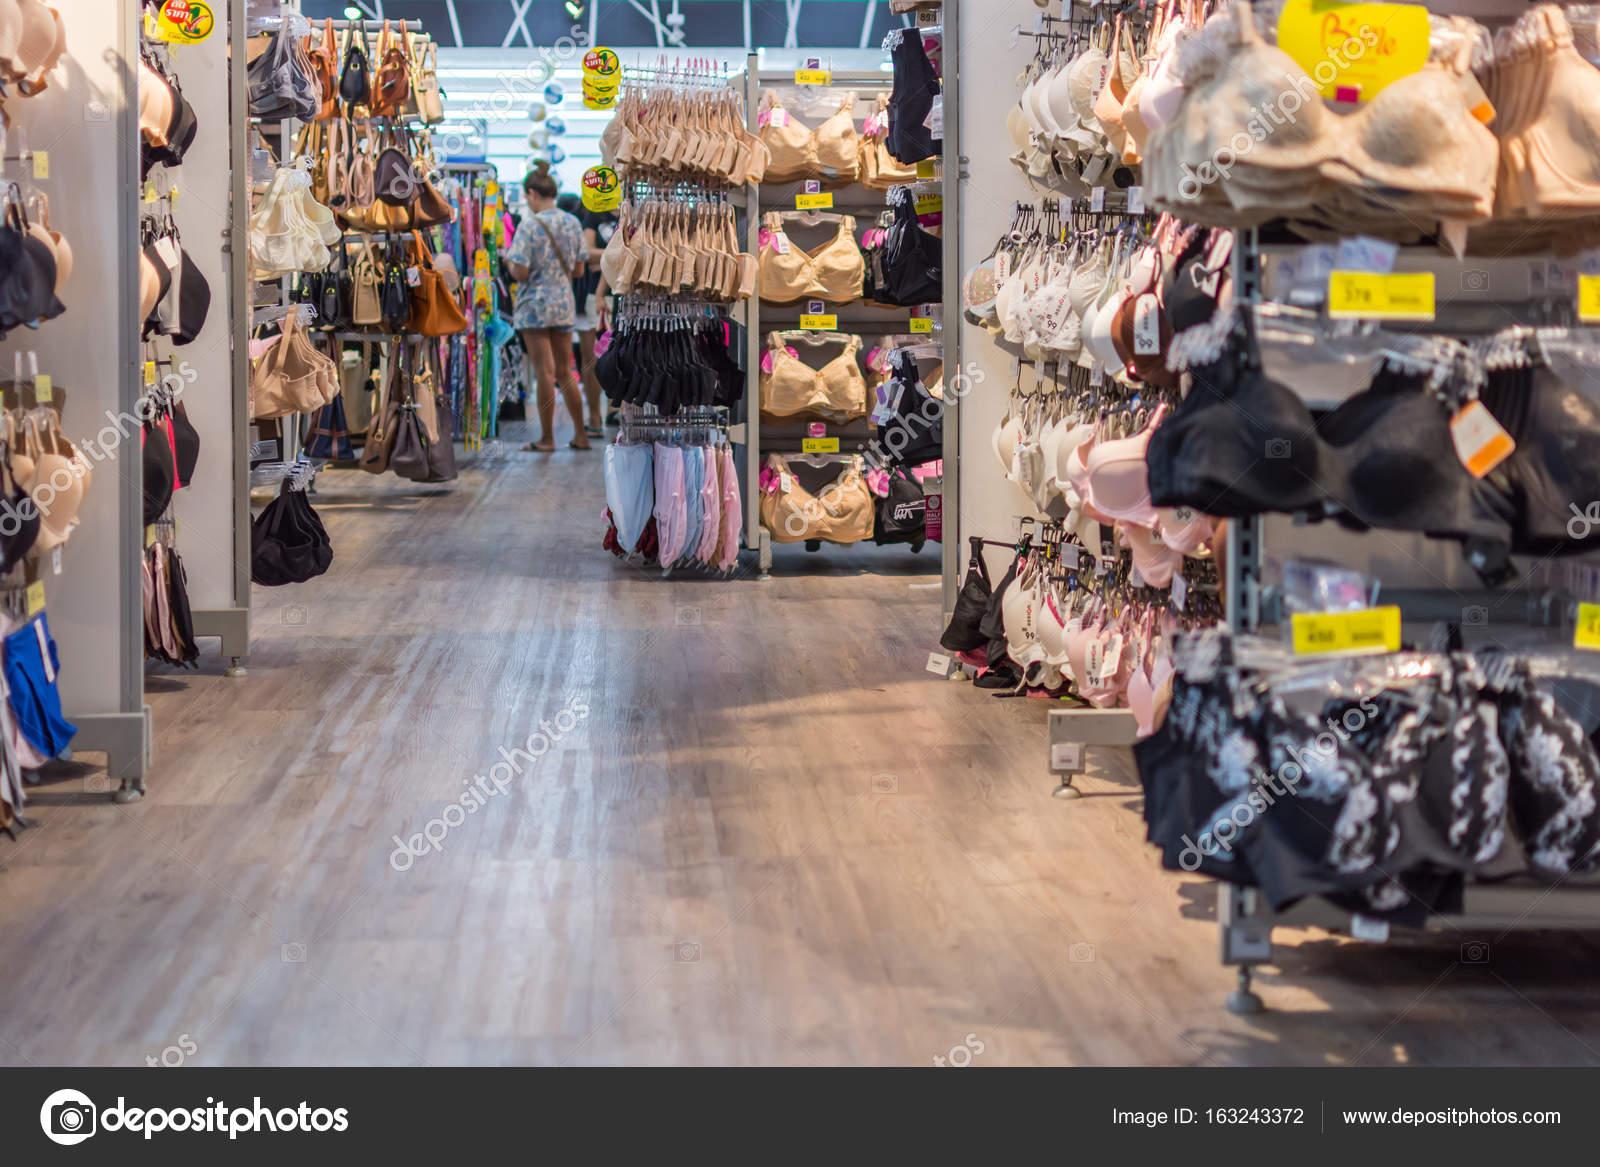 c51ca9fc833d Diferentes tipos de tienda de lencería o ropa interior de mujeres ...